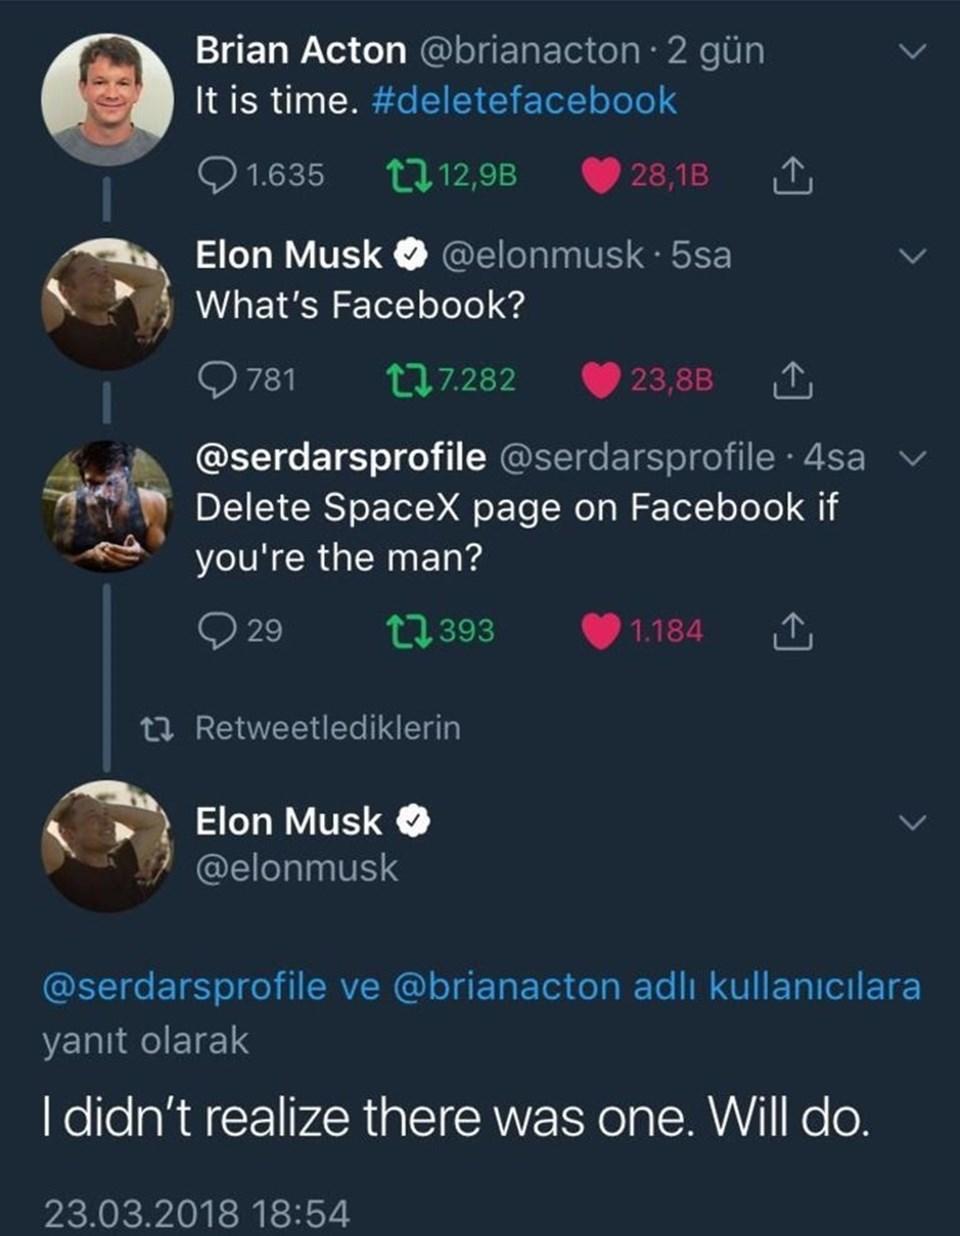 Twitter'dakitakipçilerinin yoğun isteği üzerine 46 yaşındaki milyarder girişimci 2 buçuk milyondan fazla takipçisi bulunanTeslaveSpaceX'in resmi Facebook hesaplarını silmişti